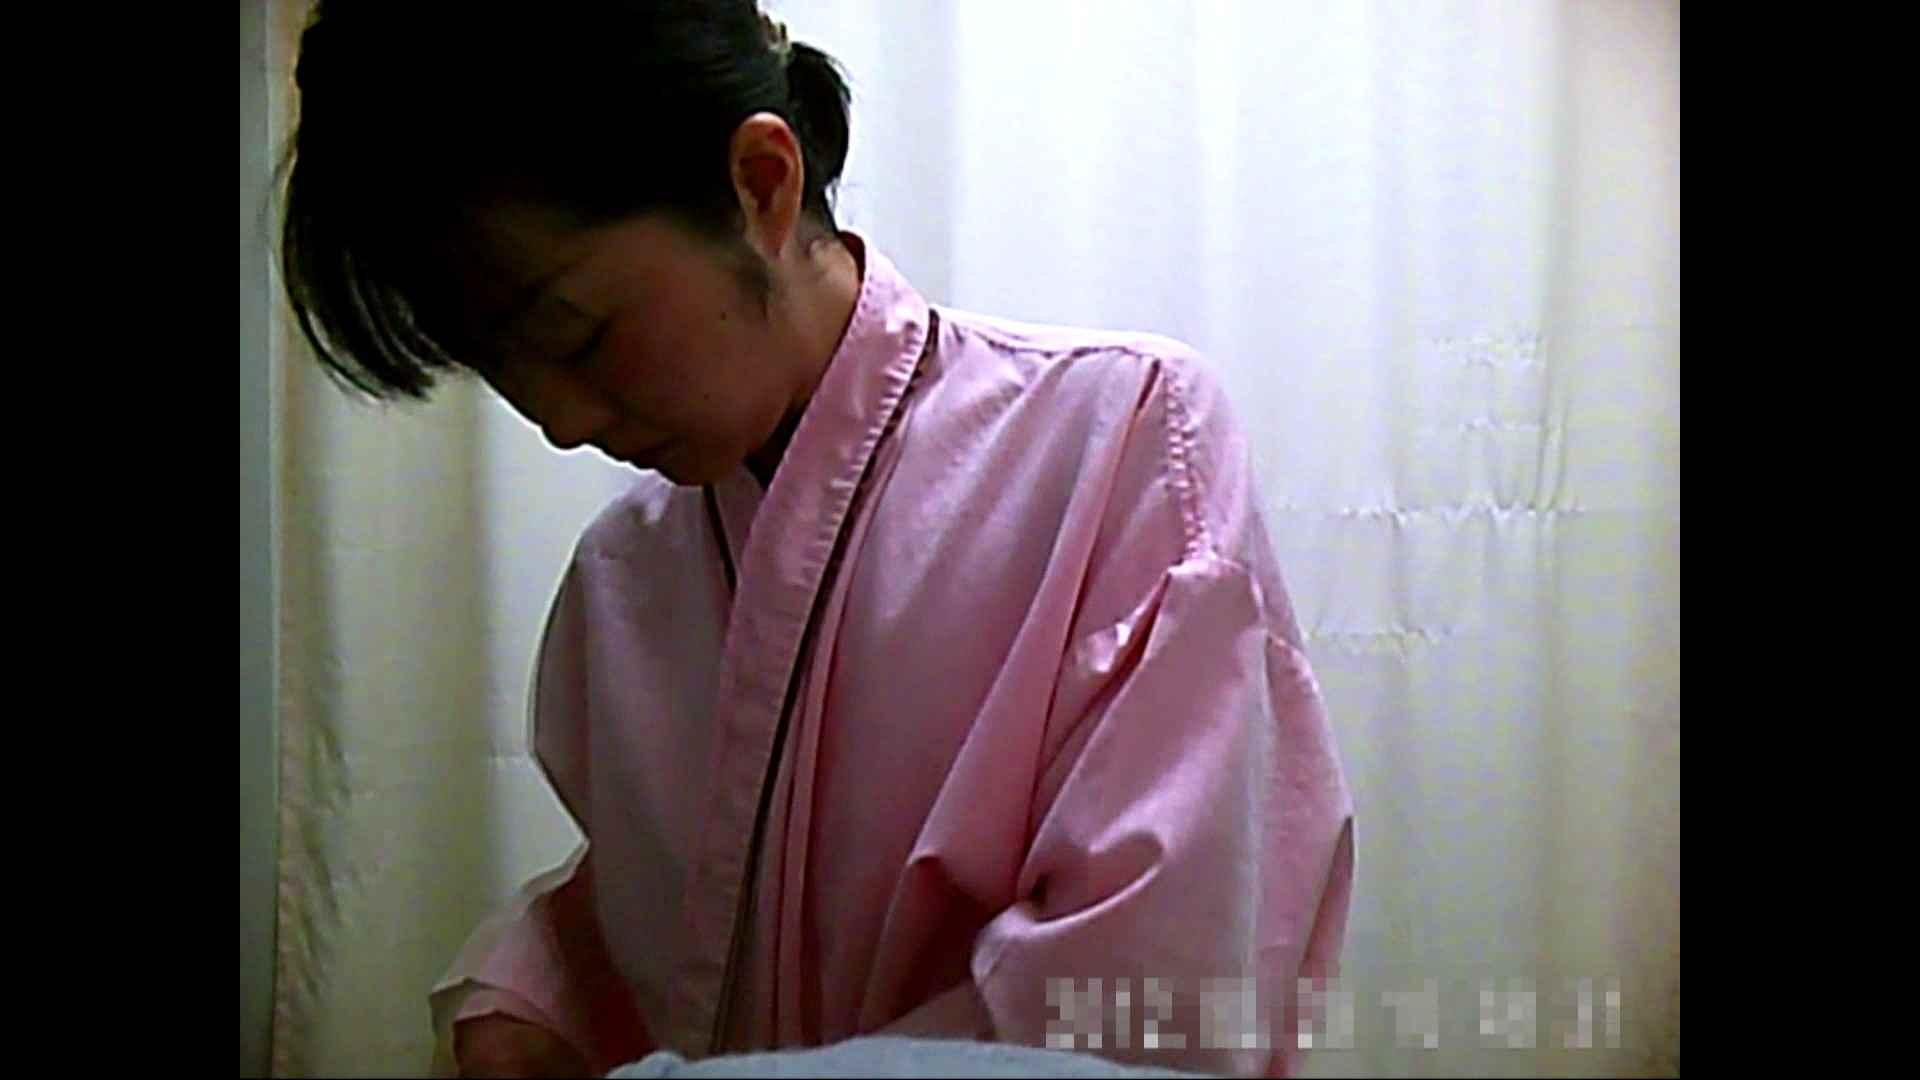 元医者による反抗 更衣室地獄絵巻 vol.271 OLハメ撮り  97Pix 69